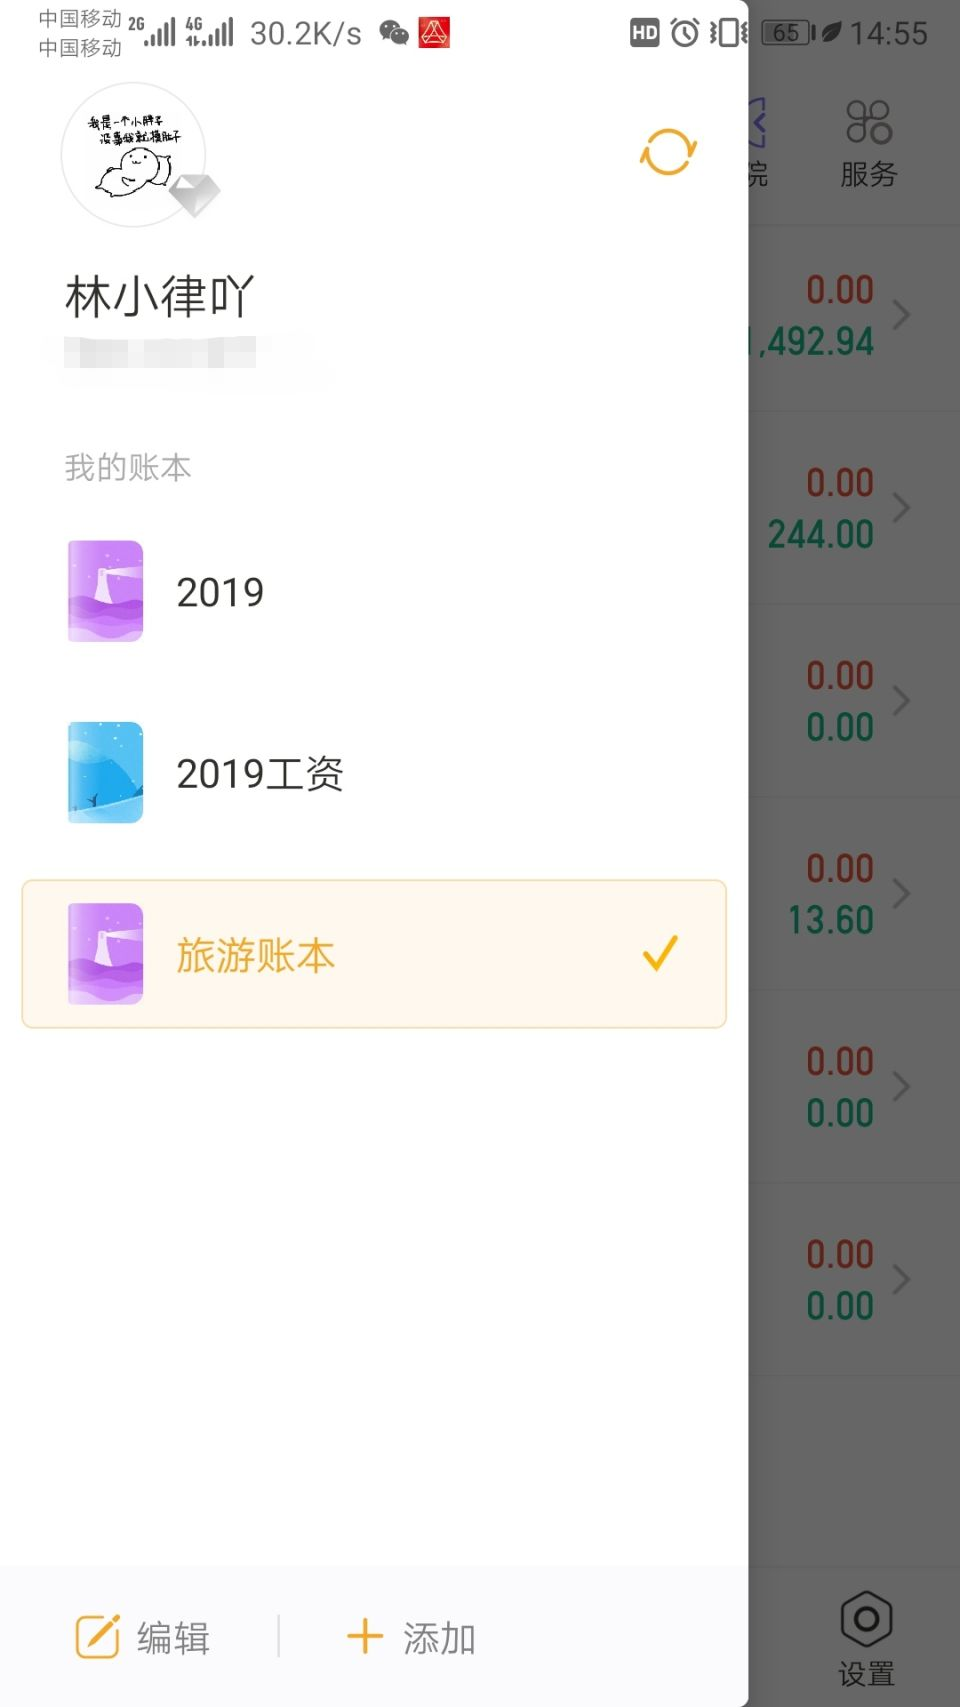 旅游账本界面.jpg